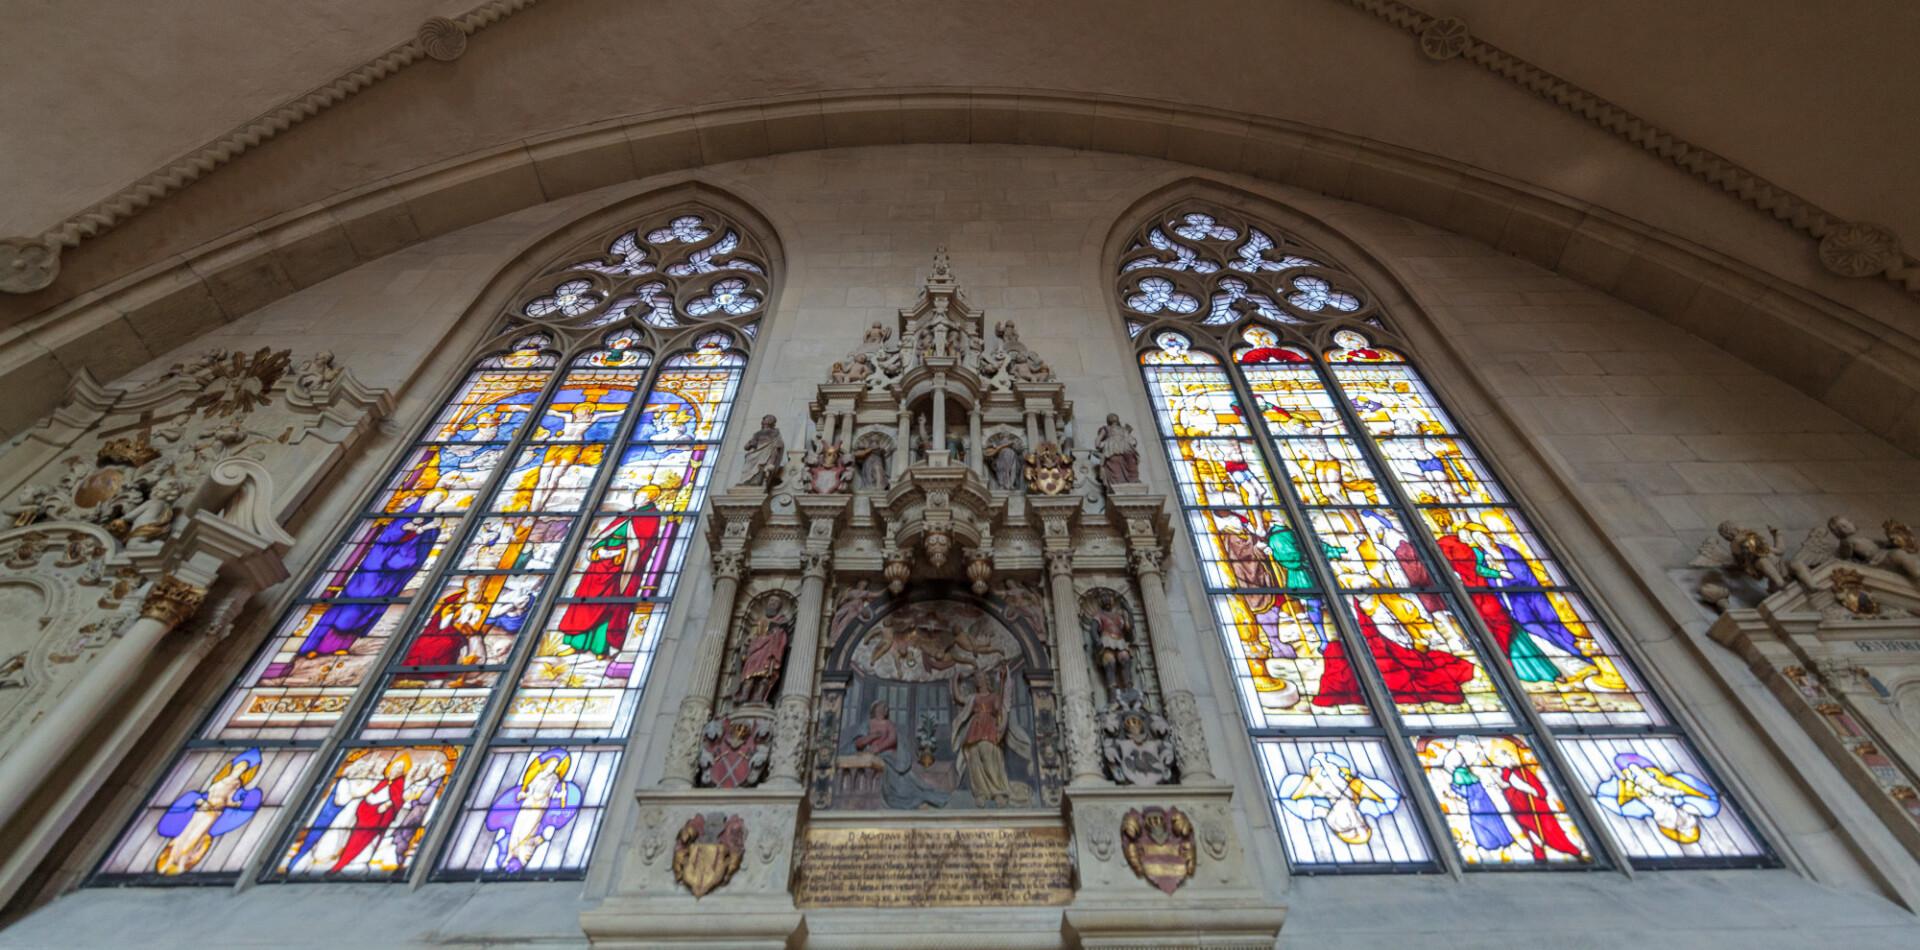 Colourful church windows